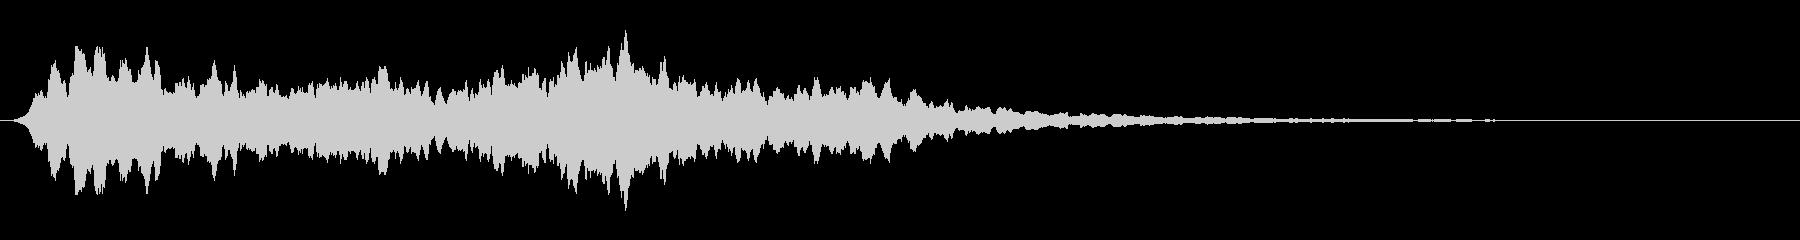 パッド エアリー合唱団01の未再生の波形